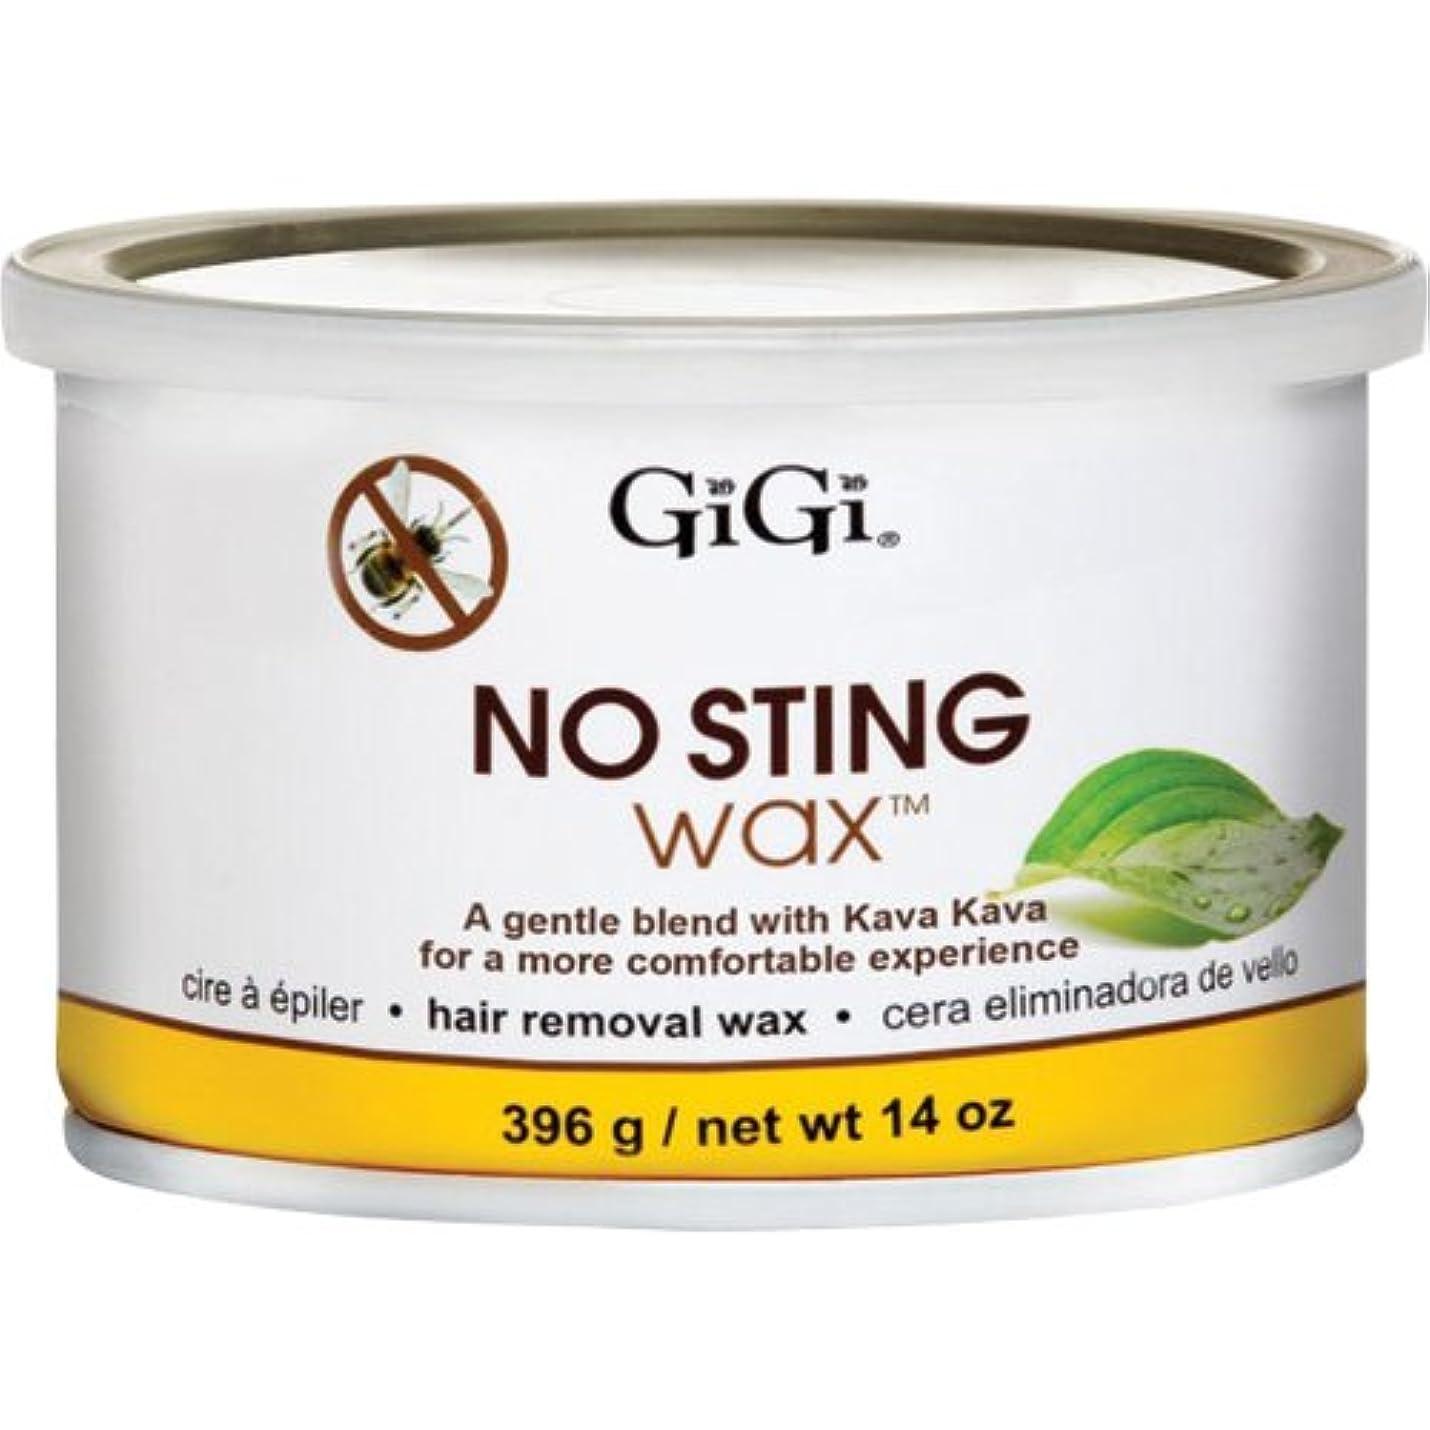 宿るインシデント準拠GiGi ジジはありませんスティングワックス、14オンス 14オンス